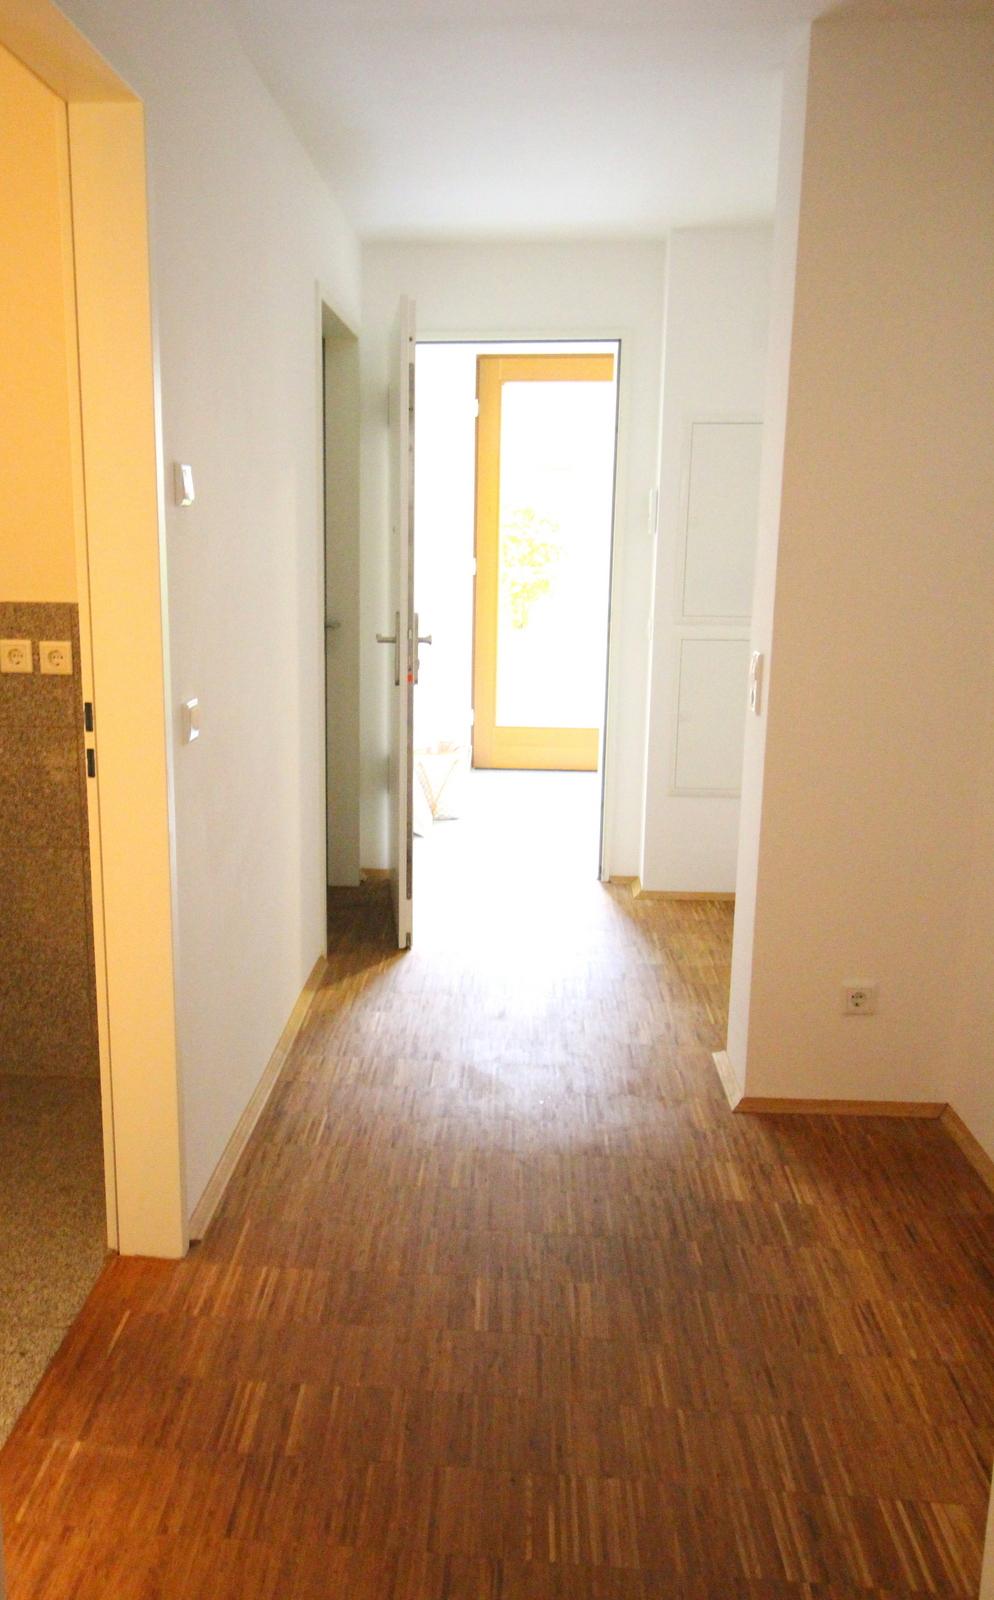 dragonerstra e 30163 hannover. Black Bedroom Furniture Sets. Home Design Ideas